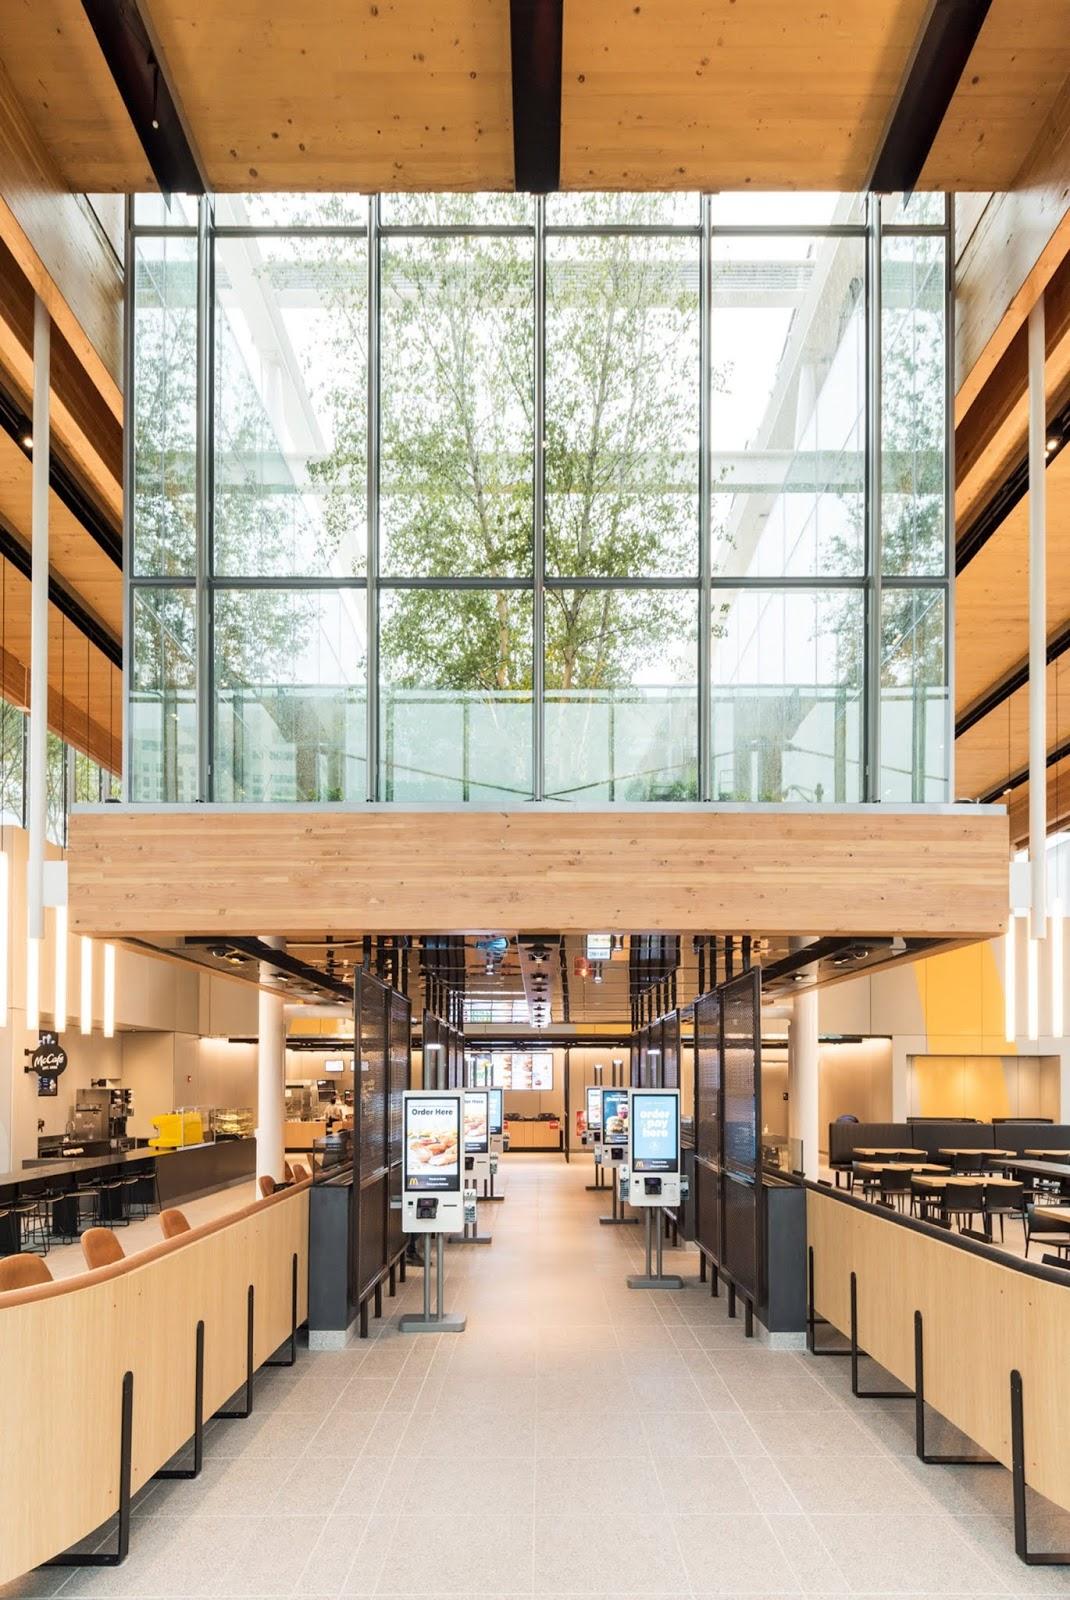 jardim-vertical-fachada-pele-de-vidro-pé-direito-alto-mcdonald's-chicago